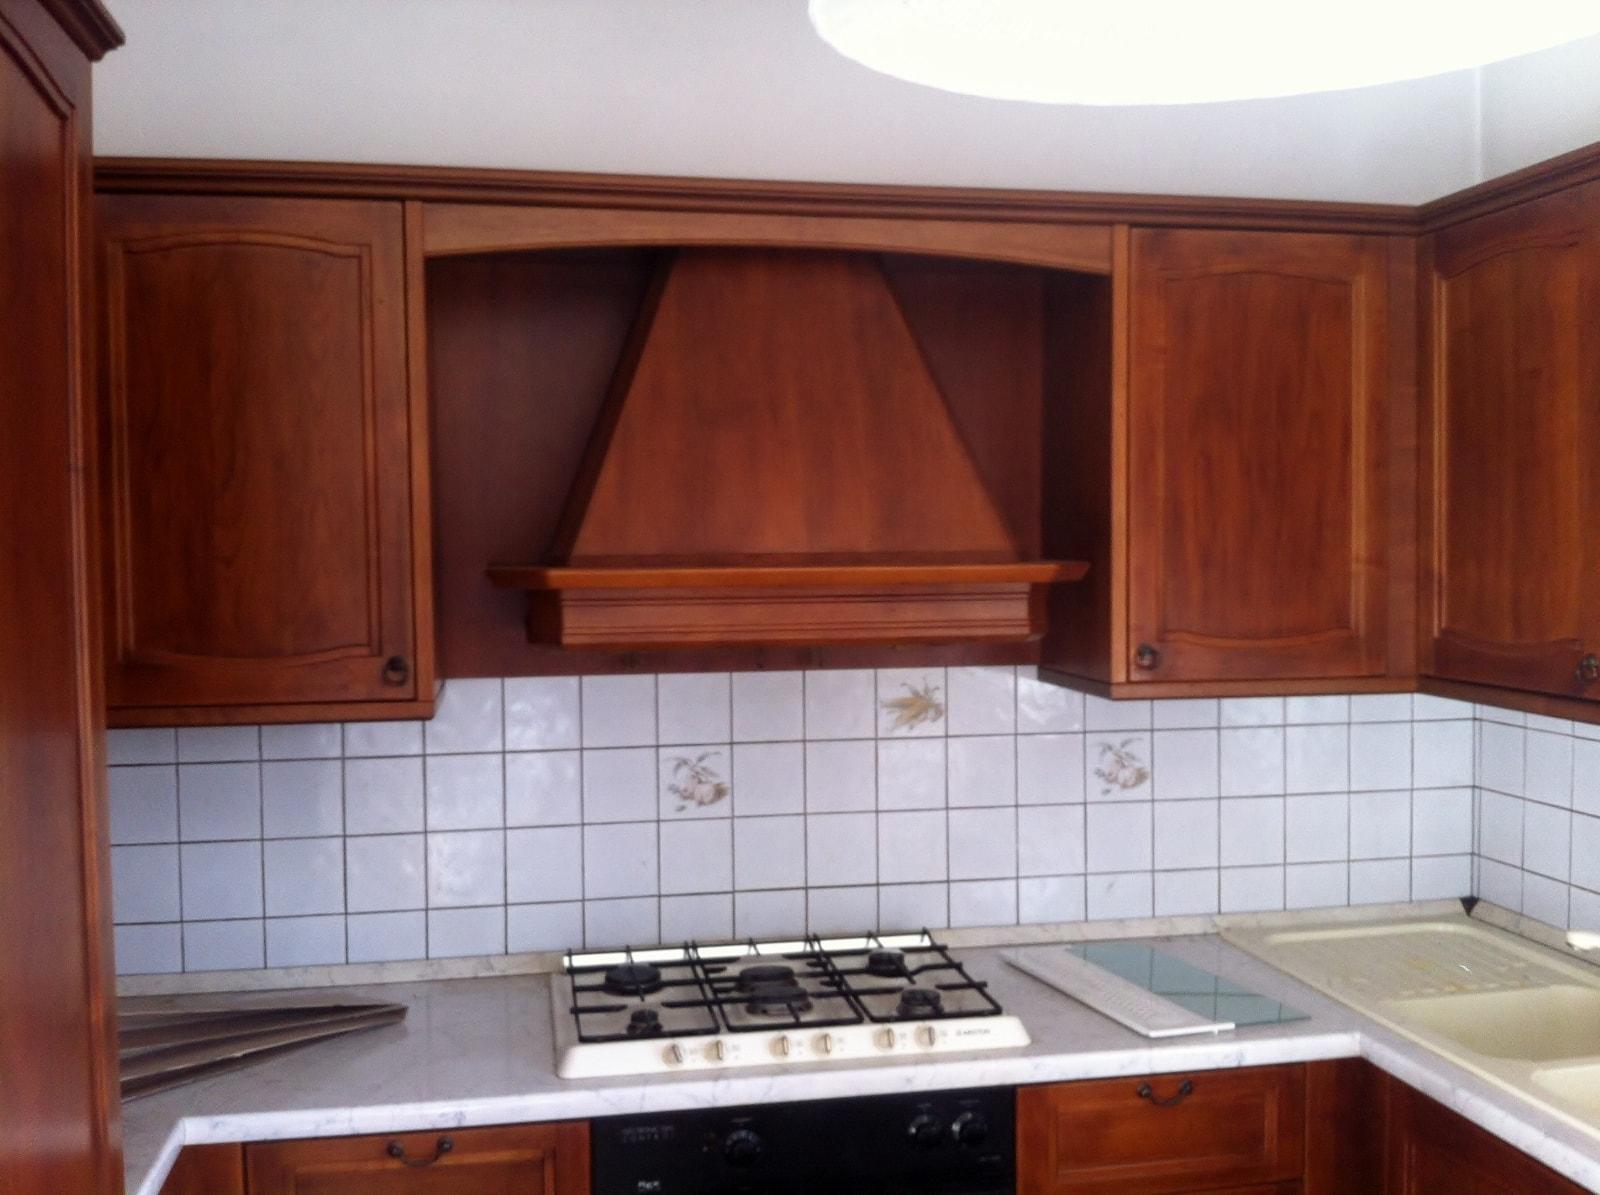 Cucina Arte Povera in Massello - AD Falegnameria - Diego De ...